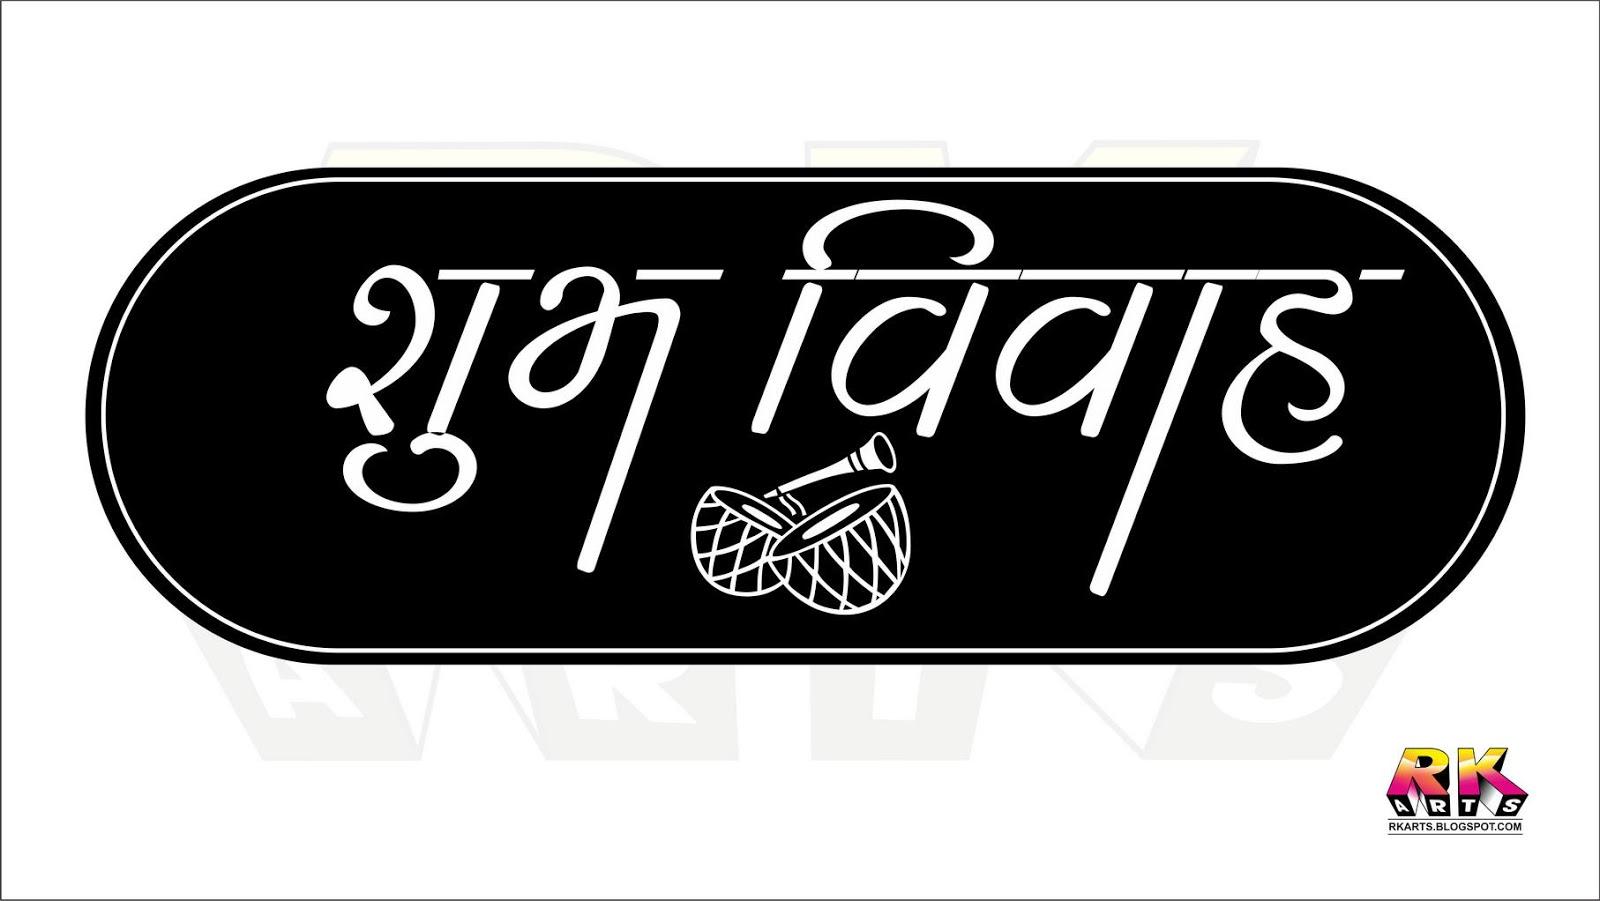 shubh vivah symbols and logos - devxstudim.org